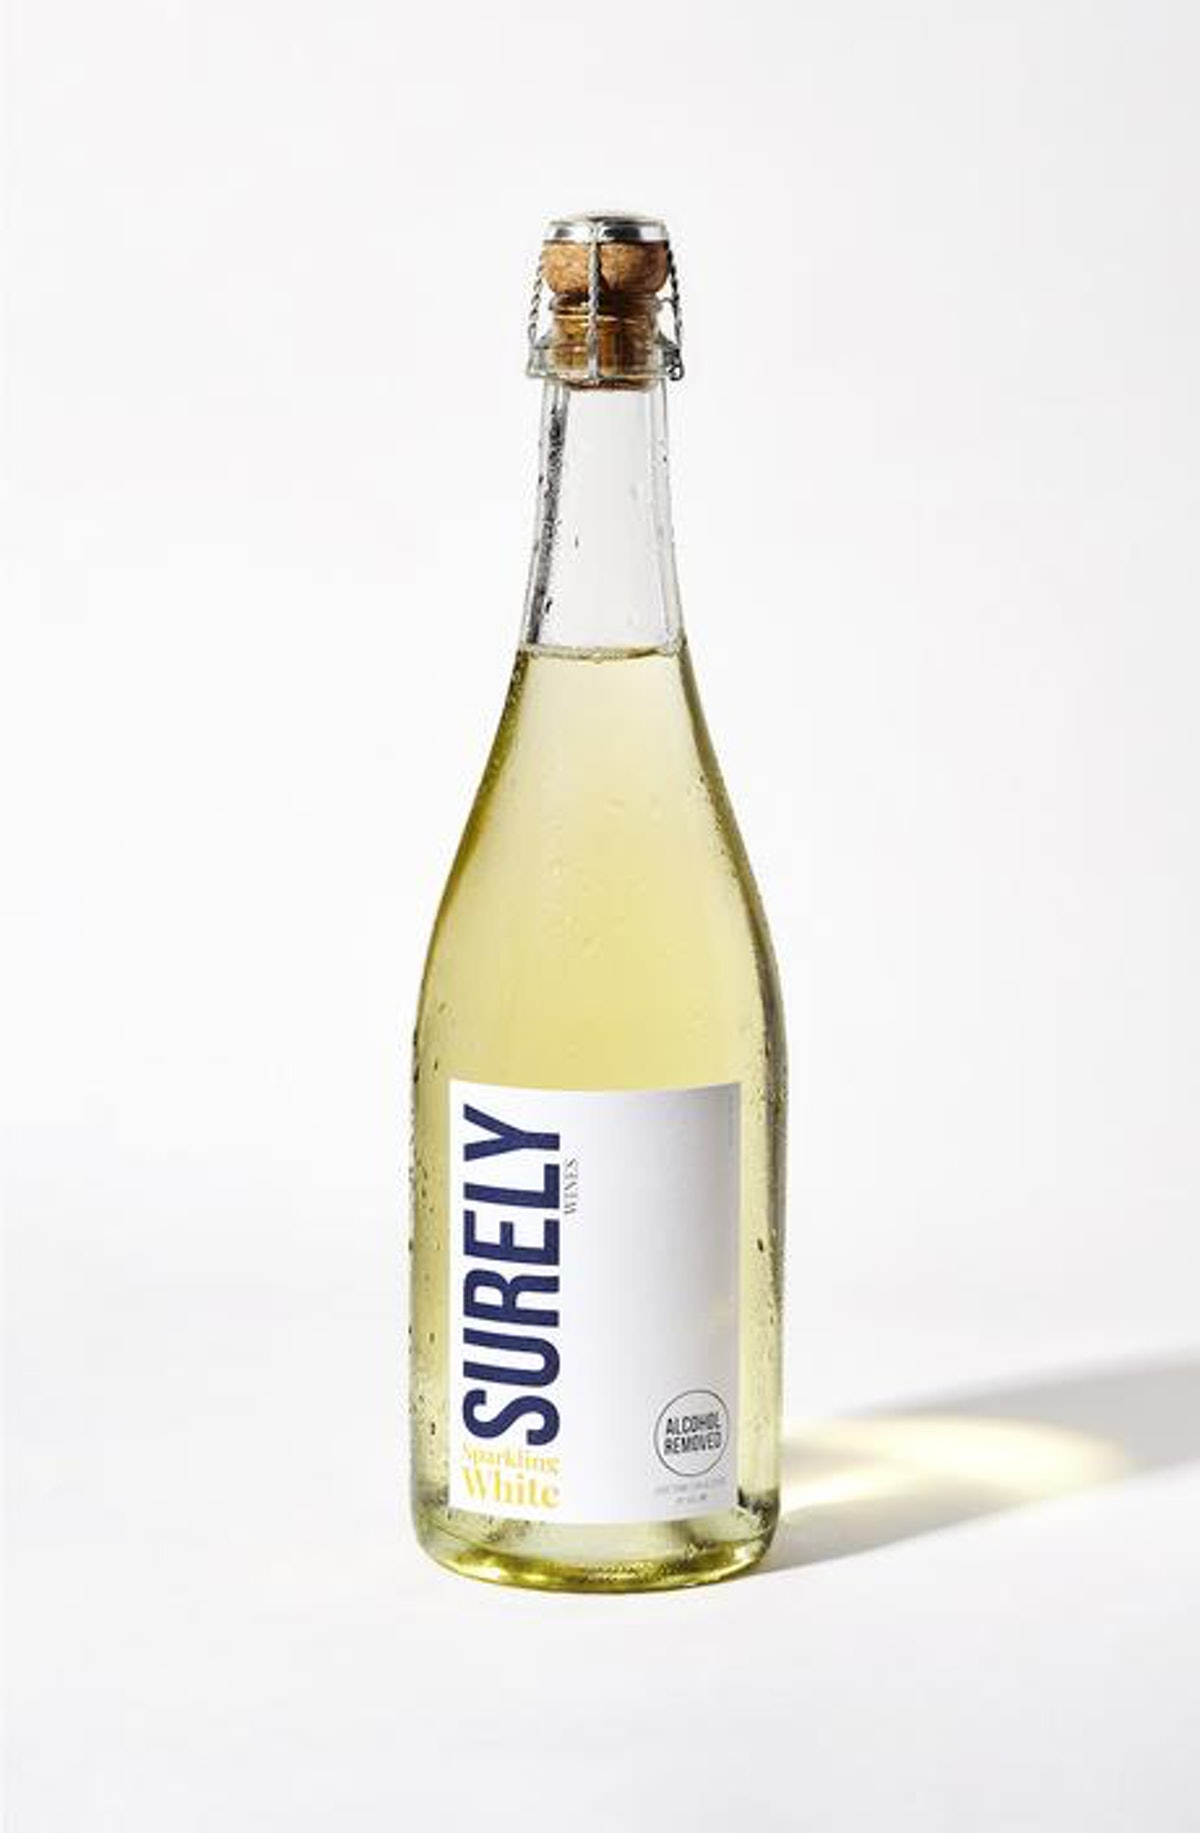 Surely Non-Alcoholic Sparkling White